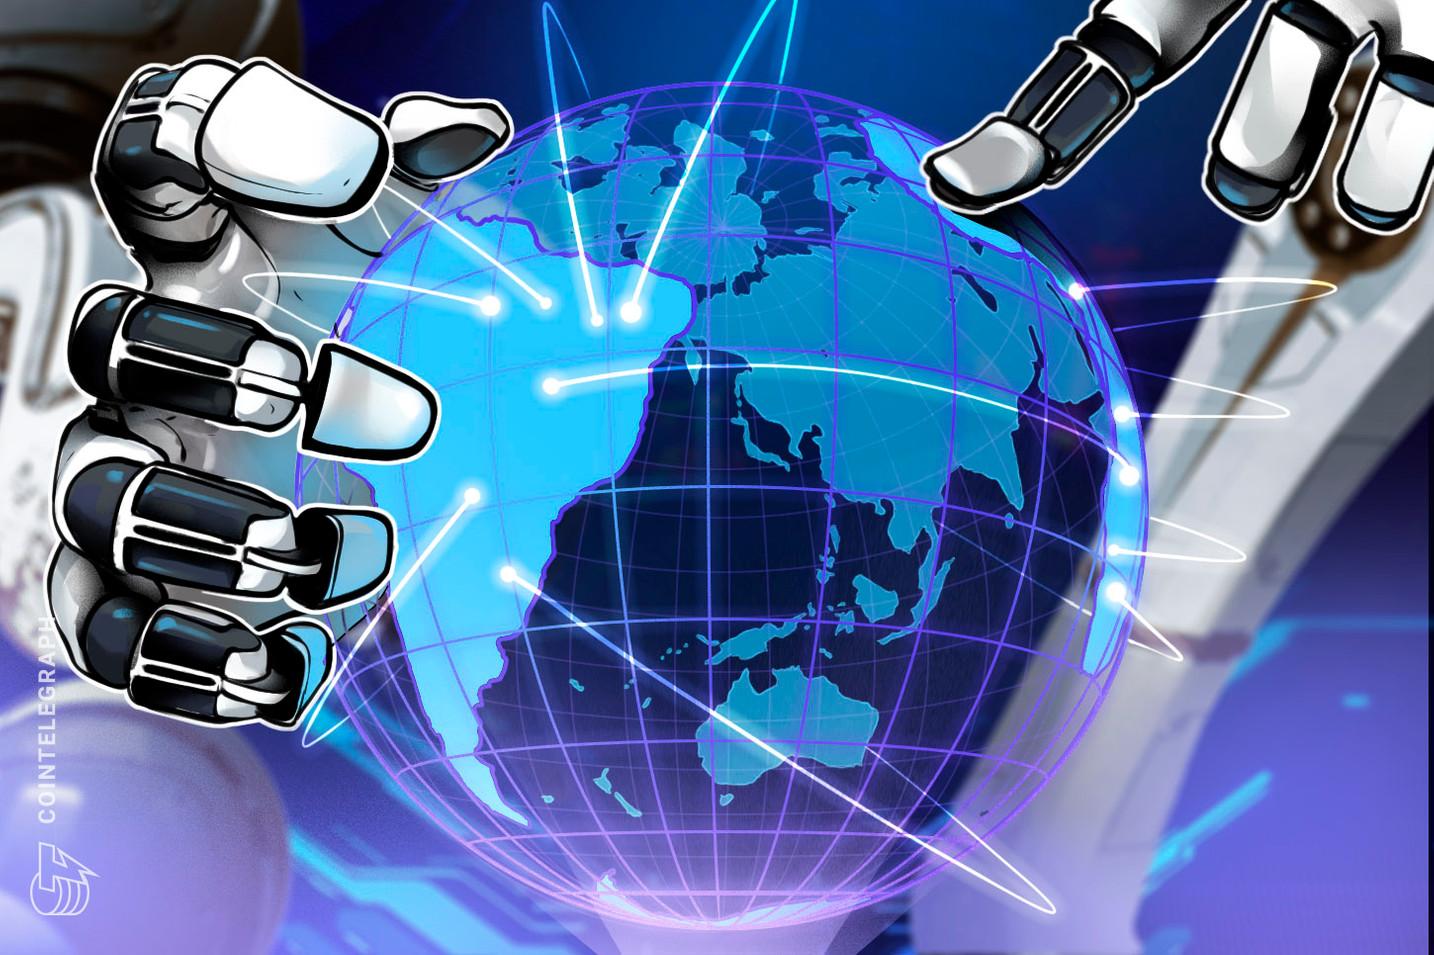 Citi y el BID prueban un sistema de pagos transfronterizos basado en tecnología Blockchain